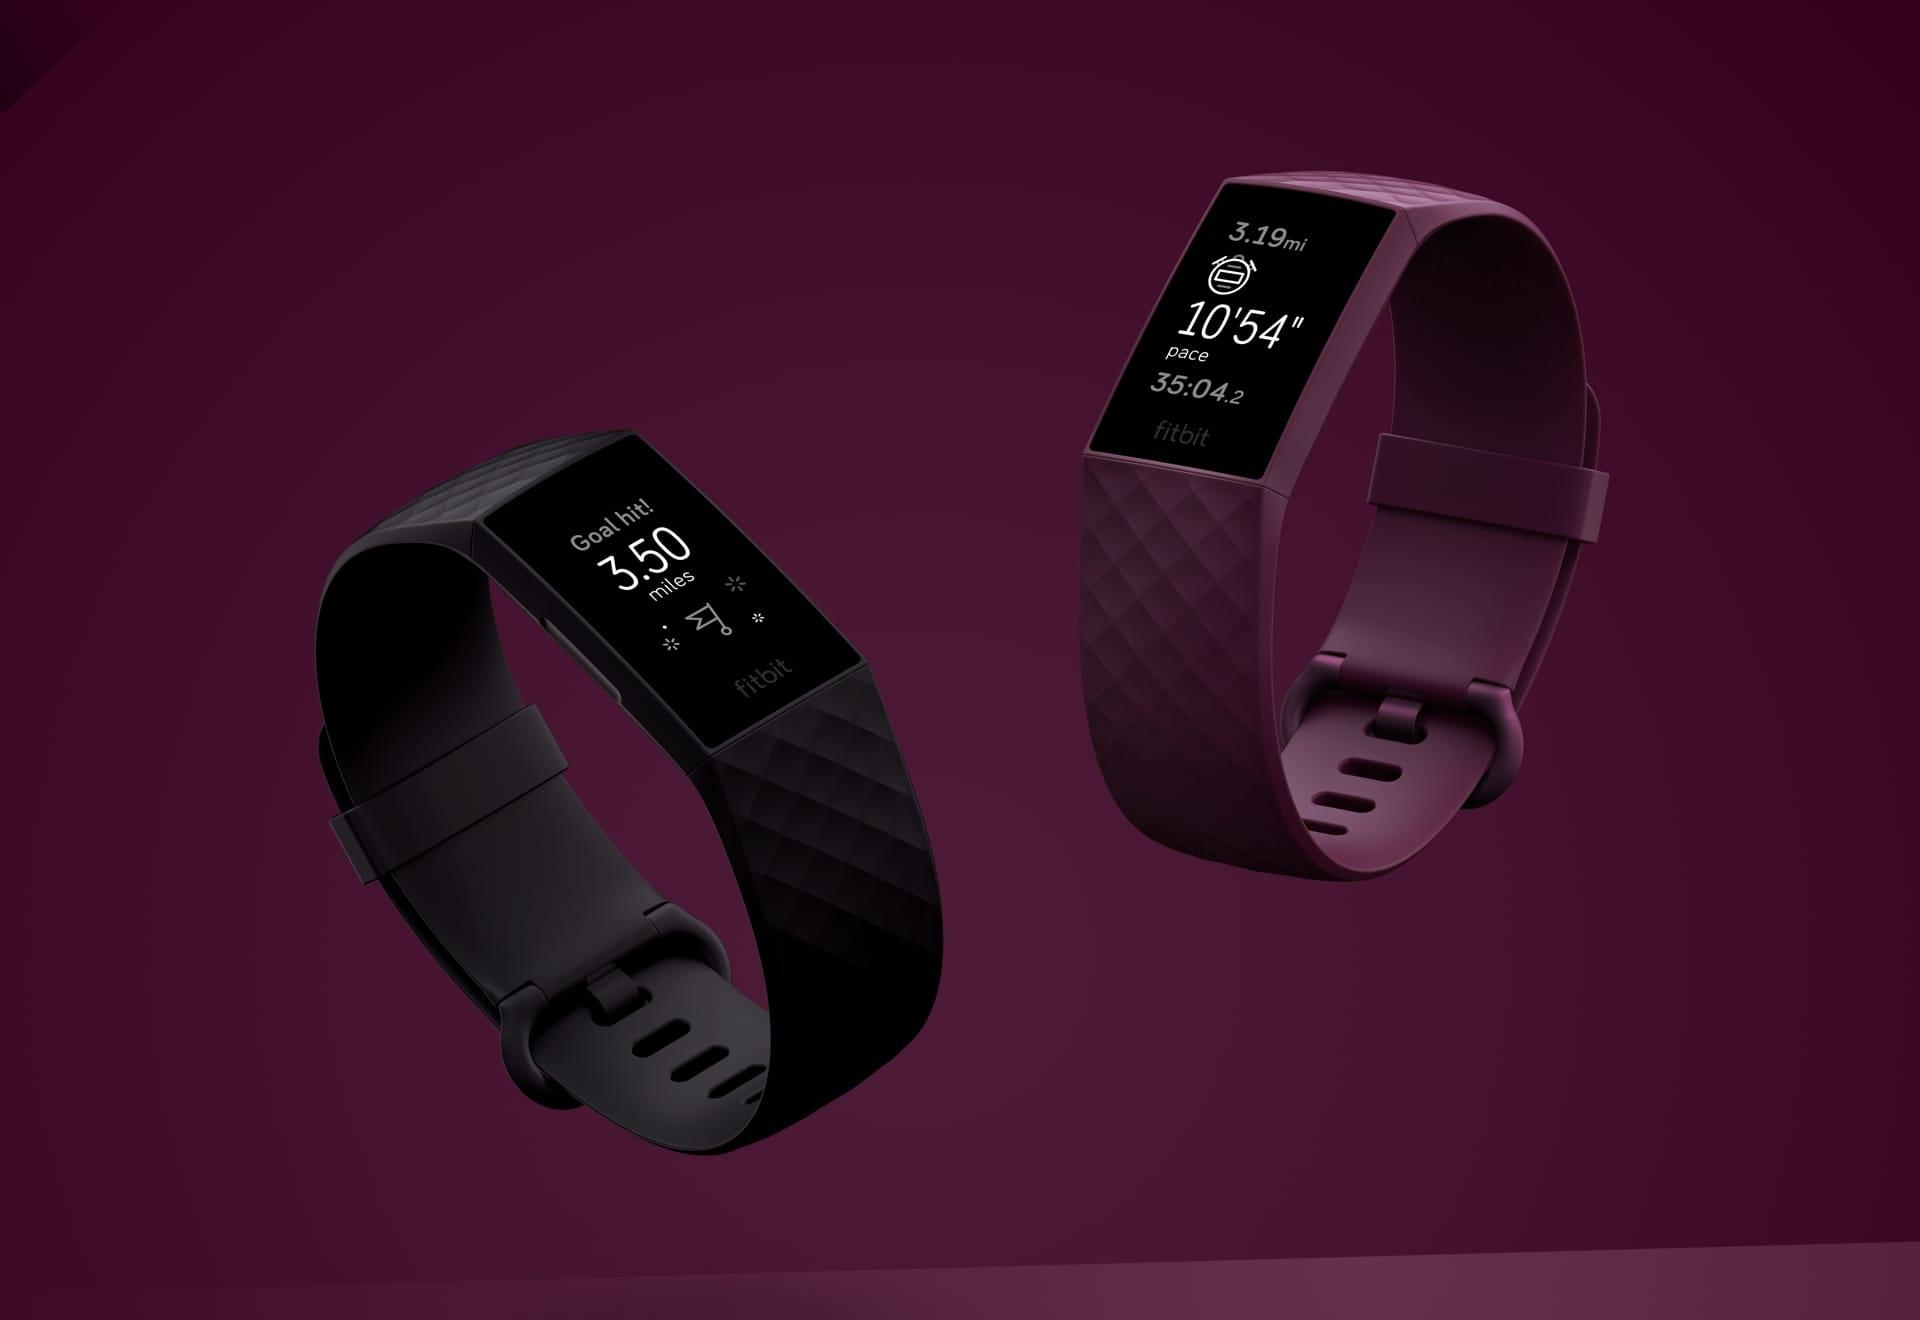 Fitbit zaprezentował nową opaskę sportową - Fitbit Charge 4 ma GPS i wspiera płatności zbliżeniowe przez NFC 20